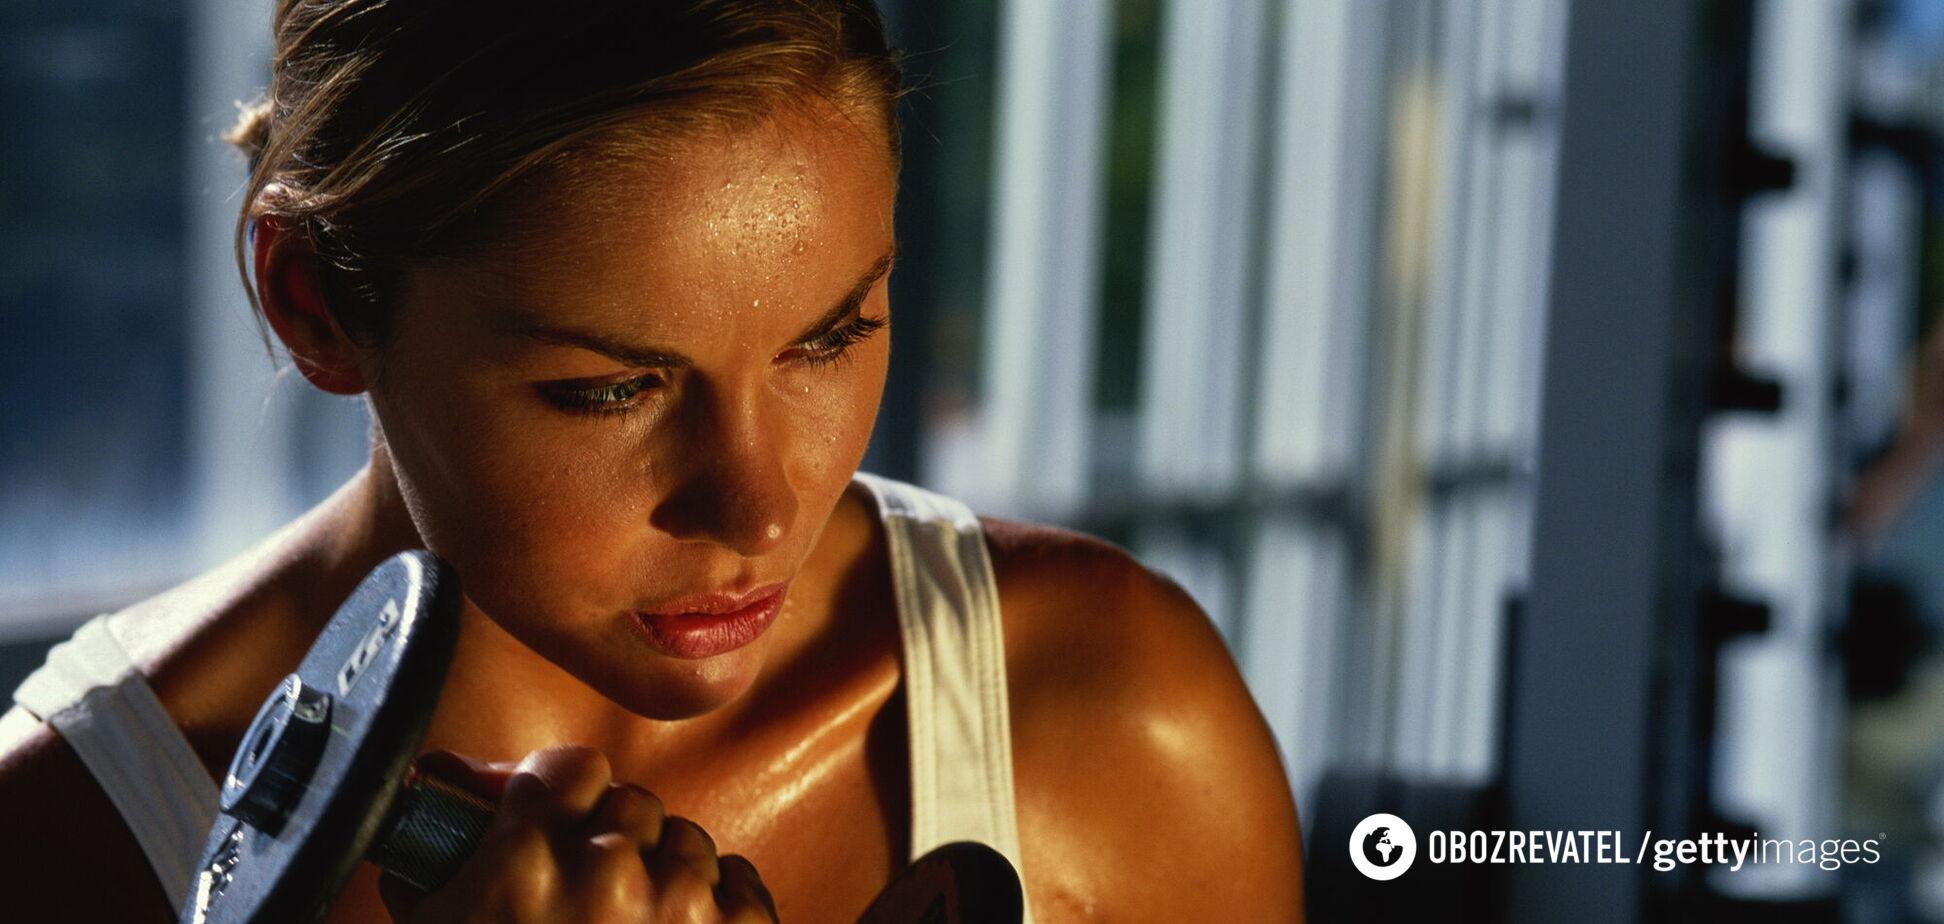 Жінка схудла на 40 кг і її зовнішність змінилася до невпізнання